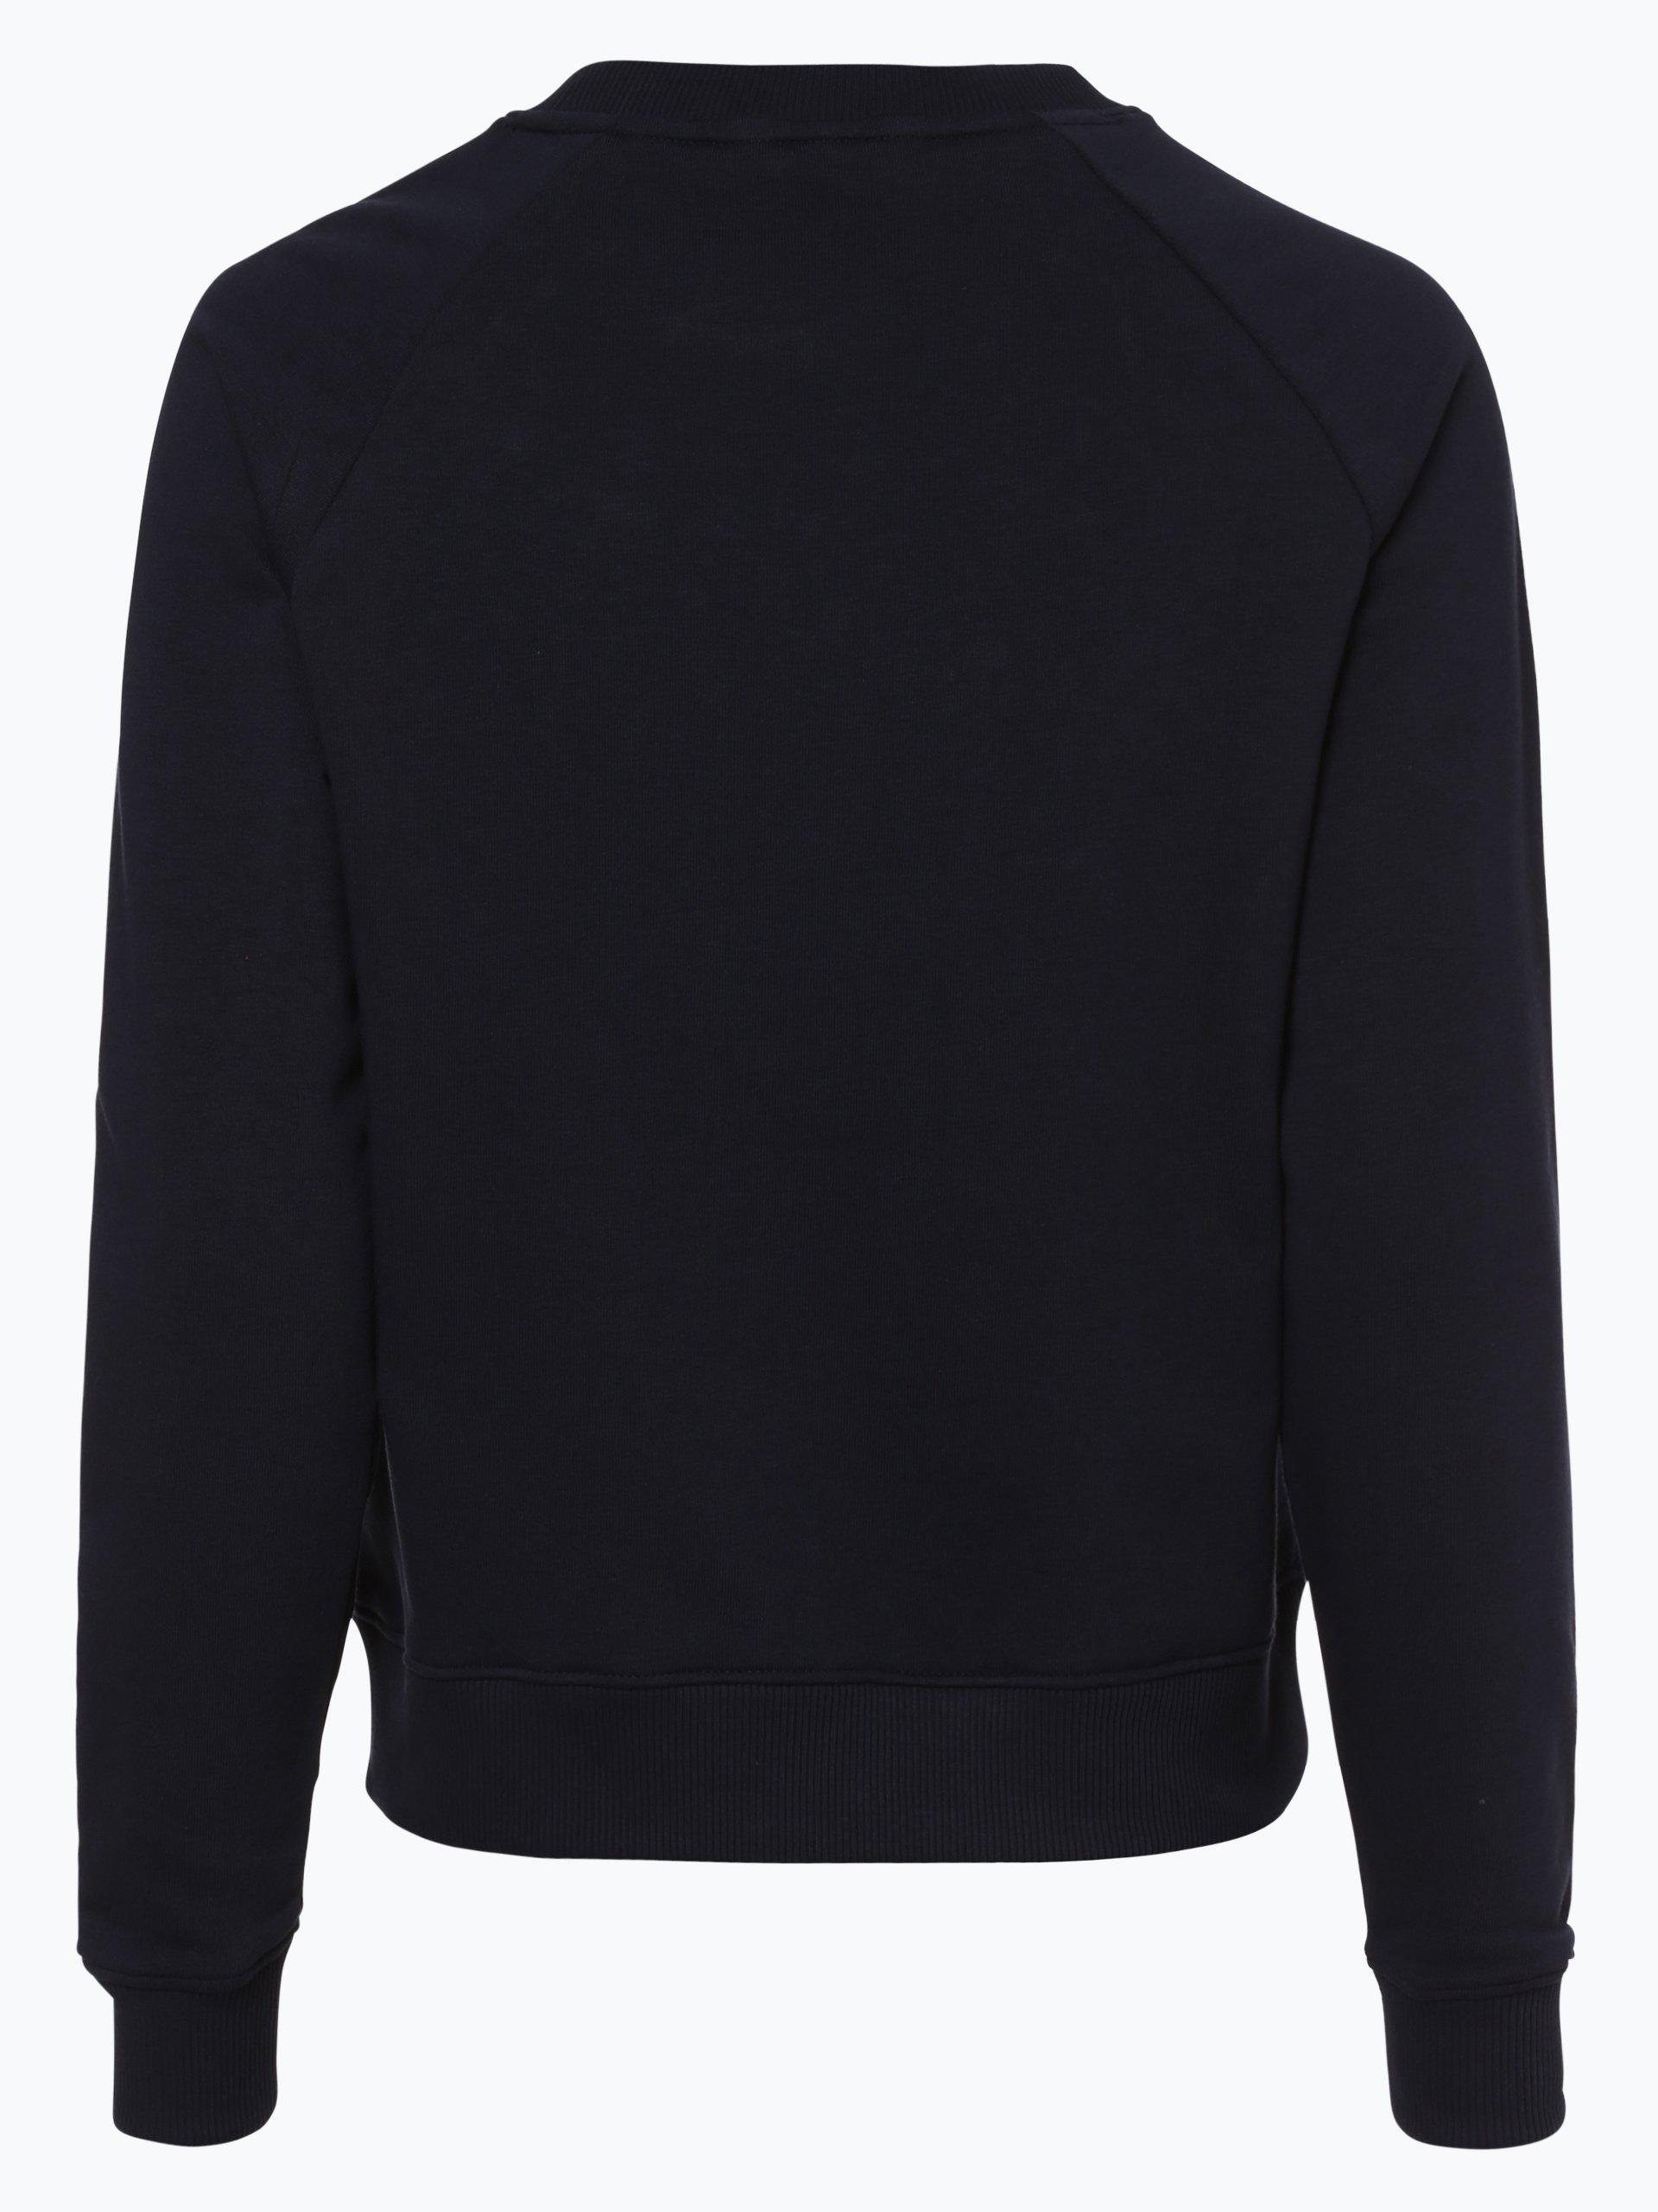 tommy hilfiger damen sweatshirt francesca marine uni. Black Bedroom Furniture Sets. Home Design Ideas